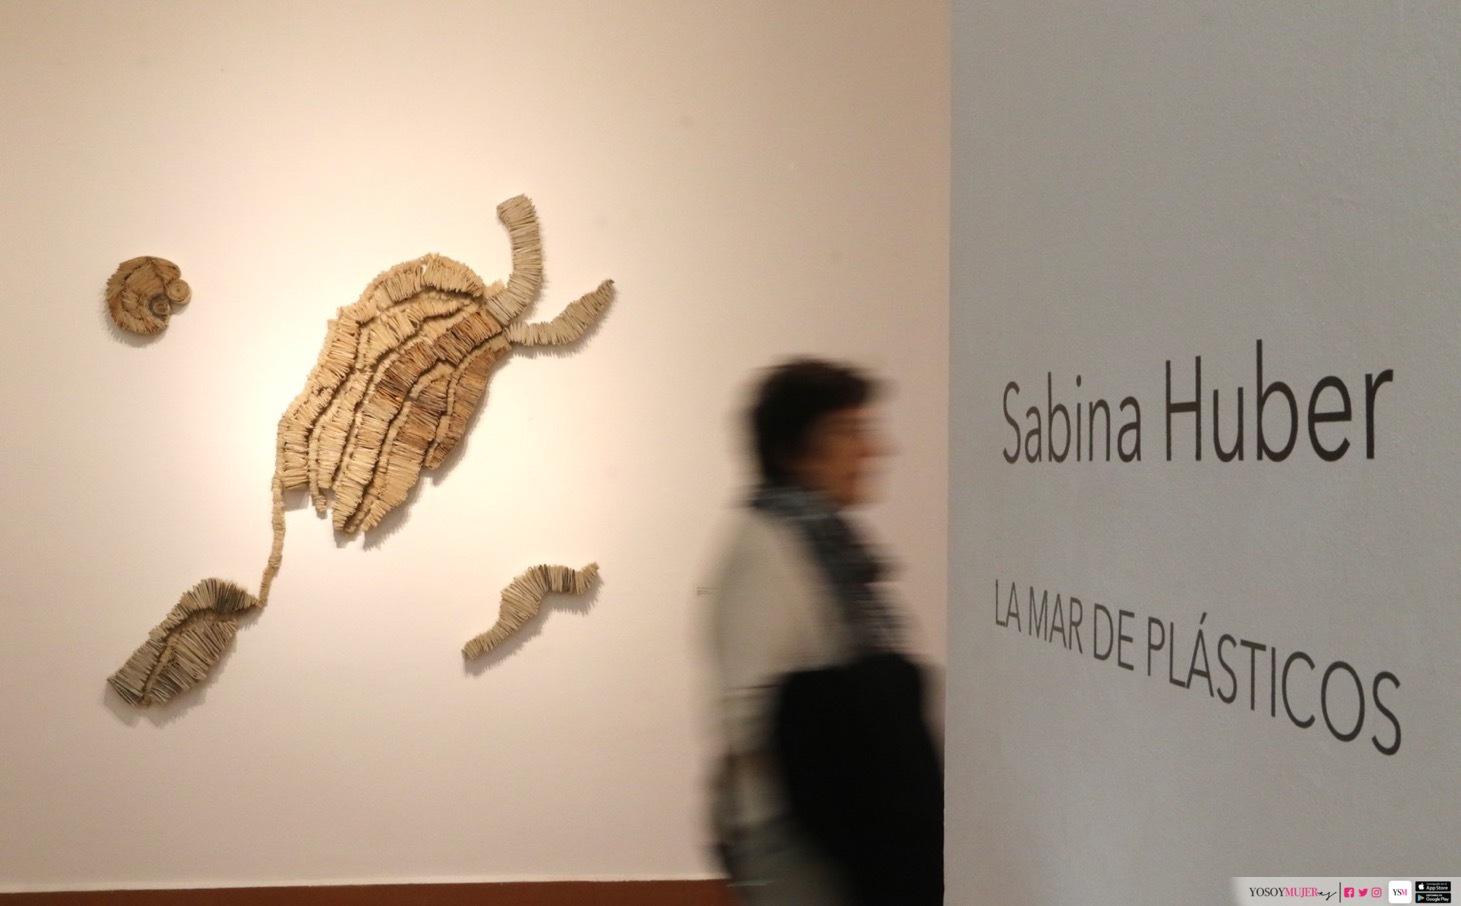 Sabina Huber